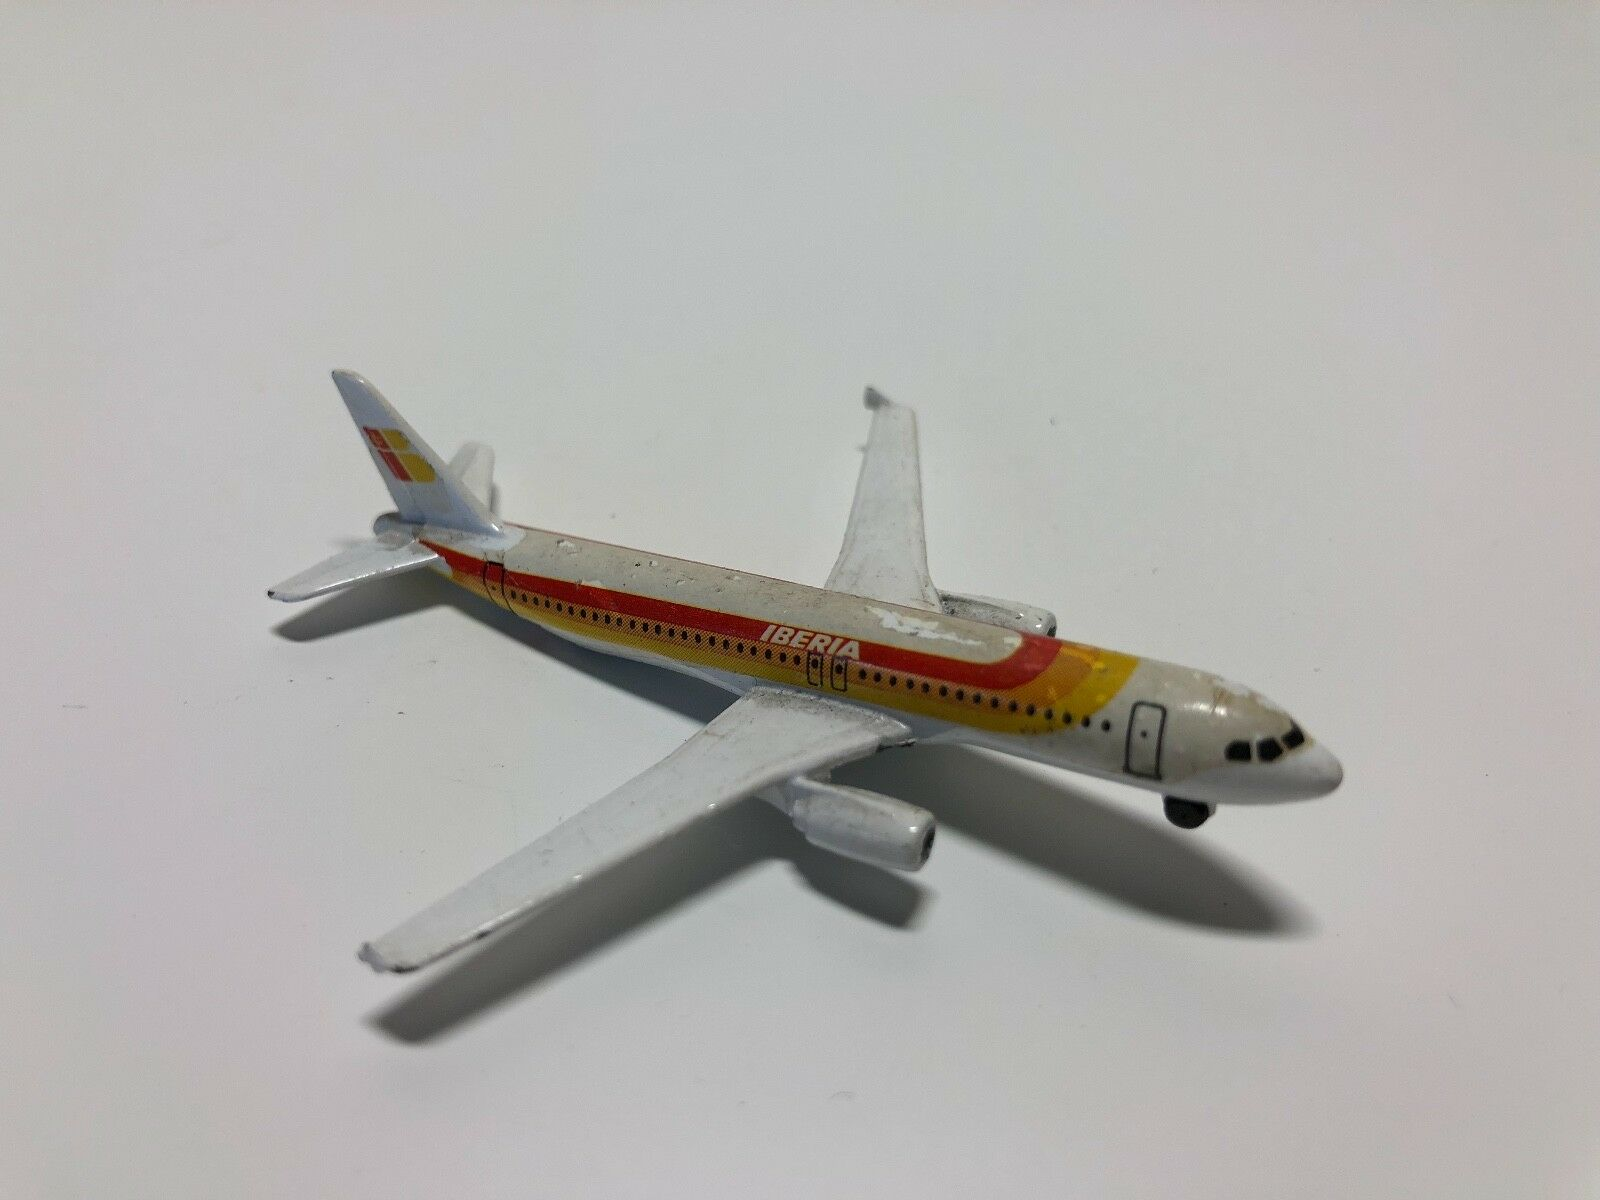 Occasion - Miniature  Avion Iberia - Airbus A320 - Schabak - Avion  marques de créateurs bon marché